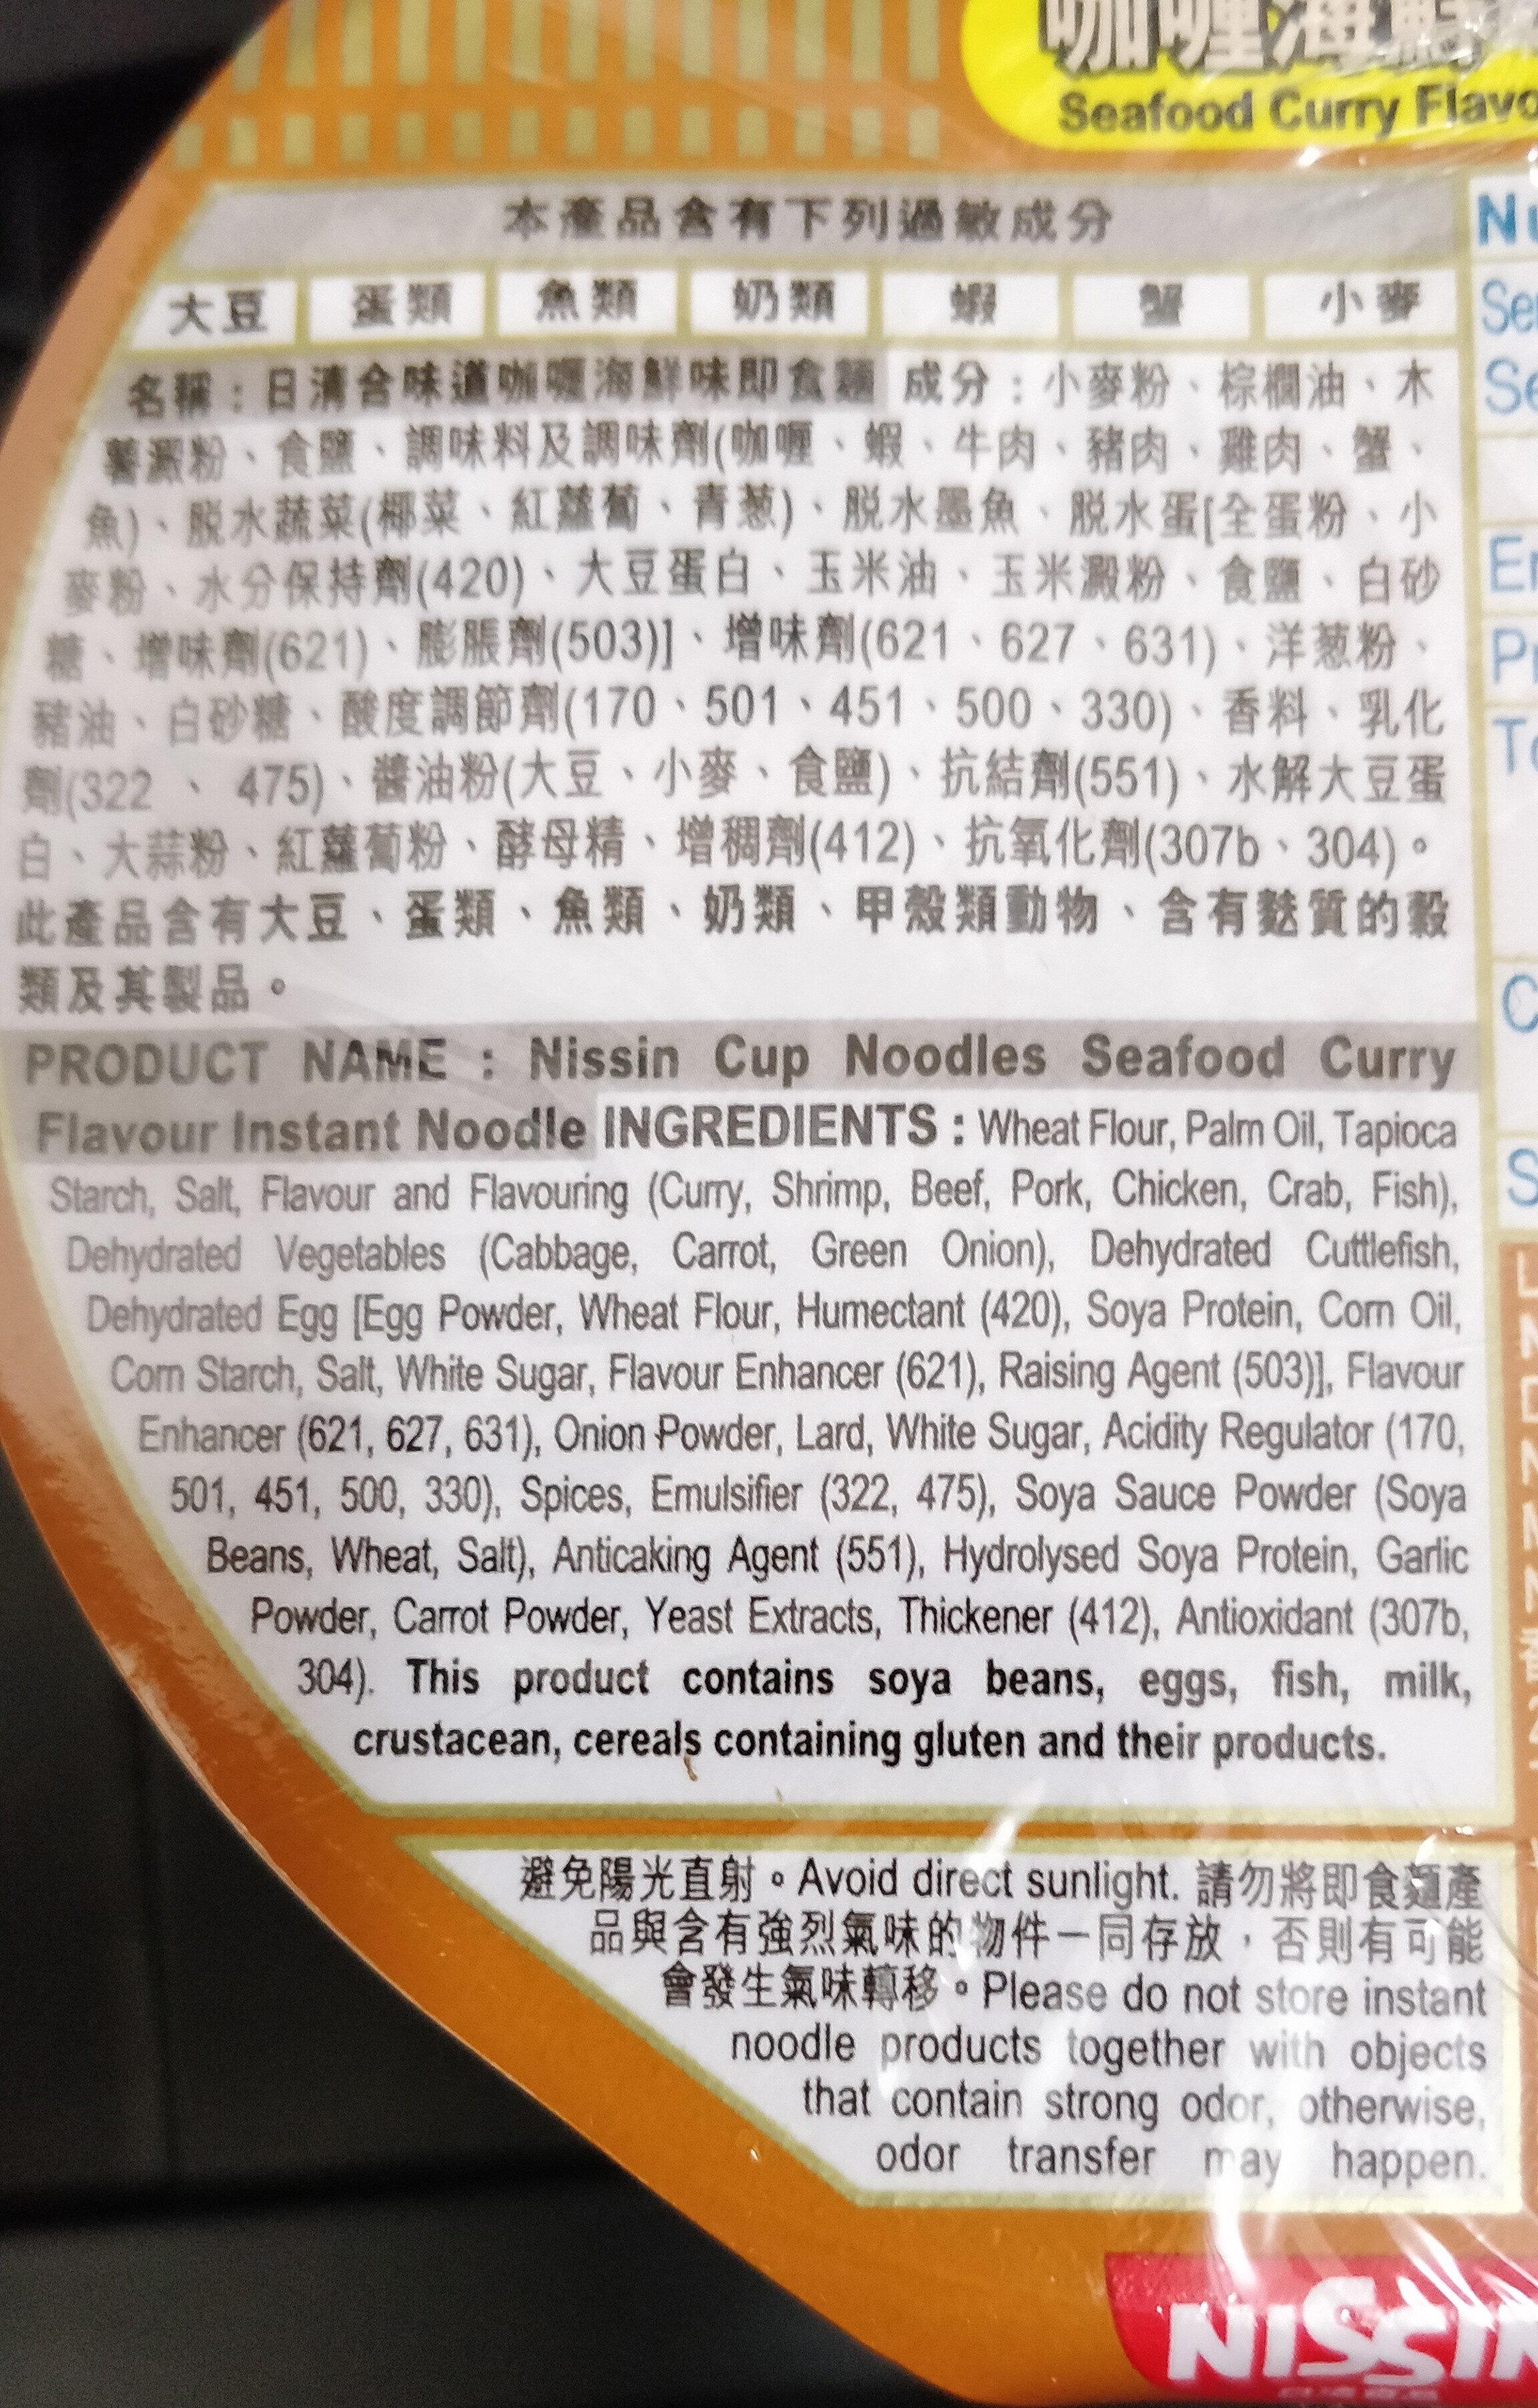 cup noodles seafood curry - Ingredients - en